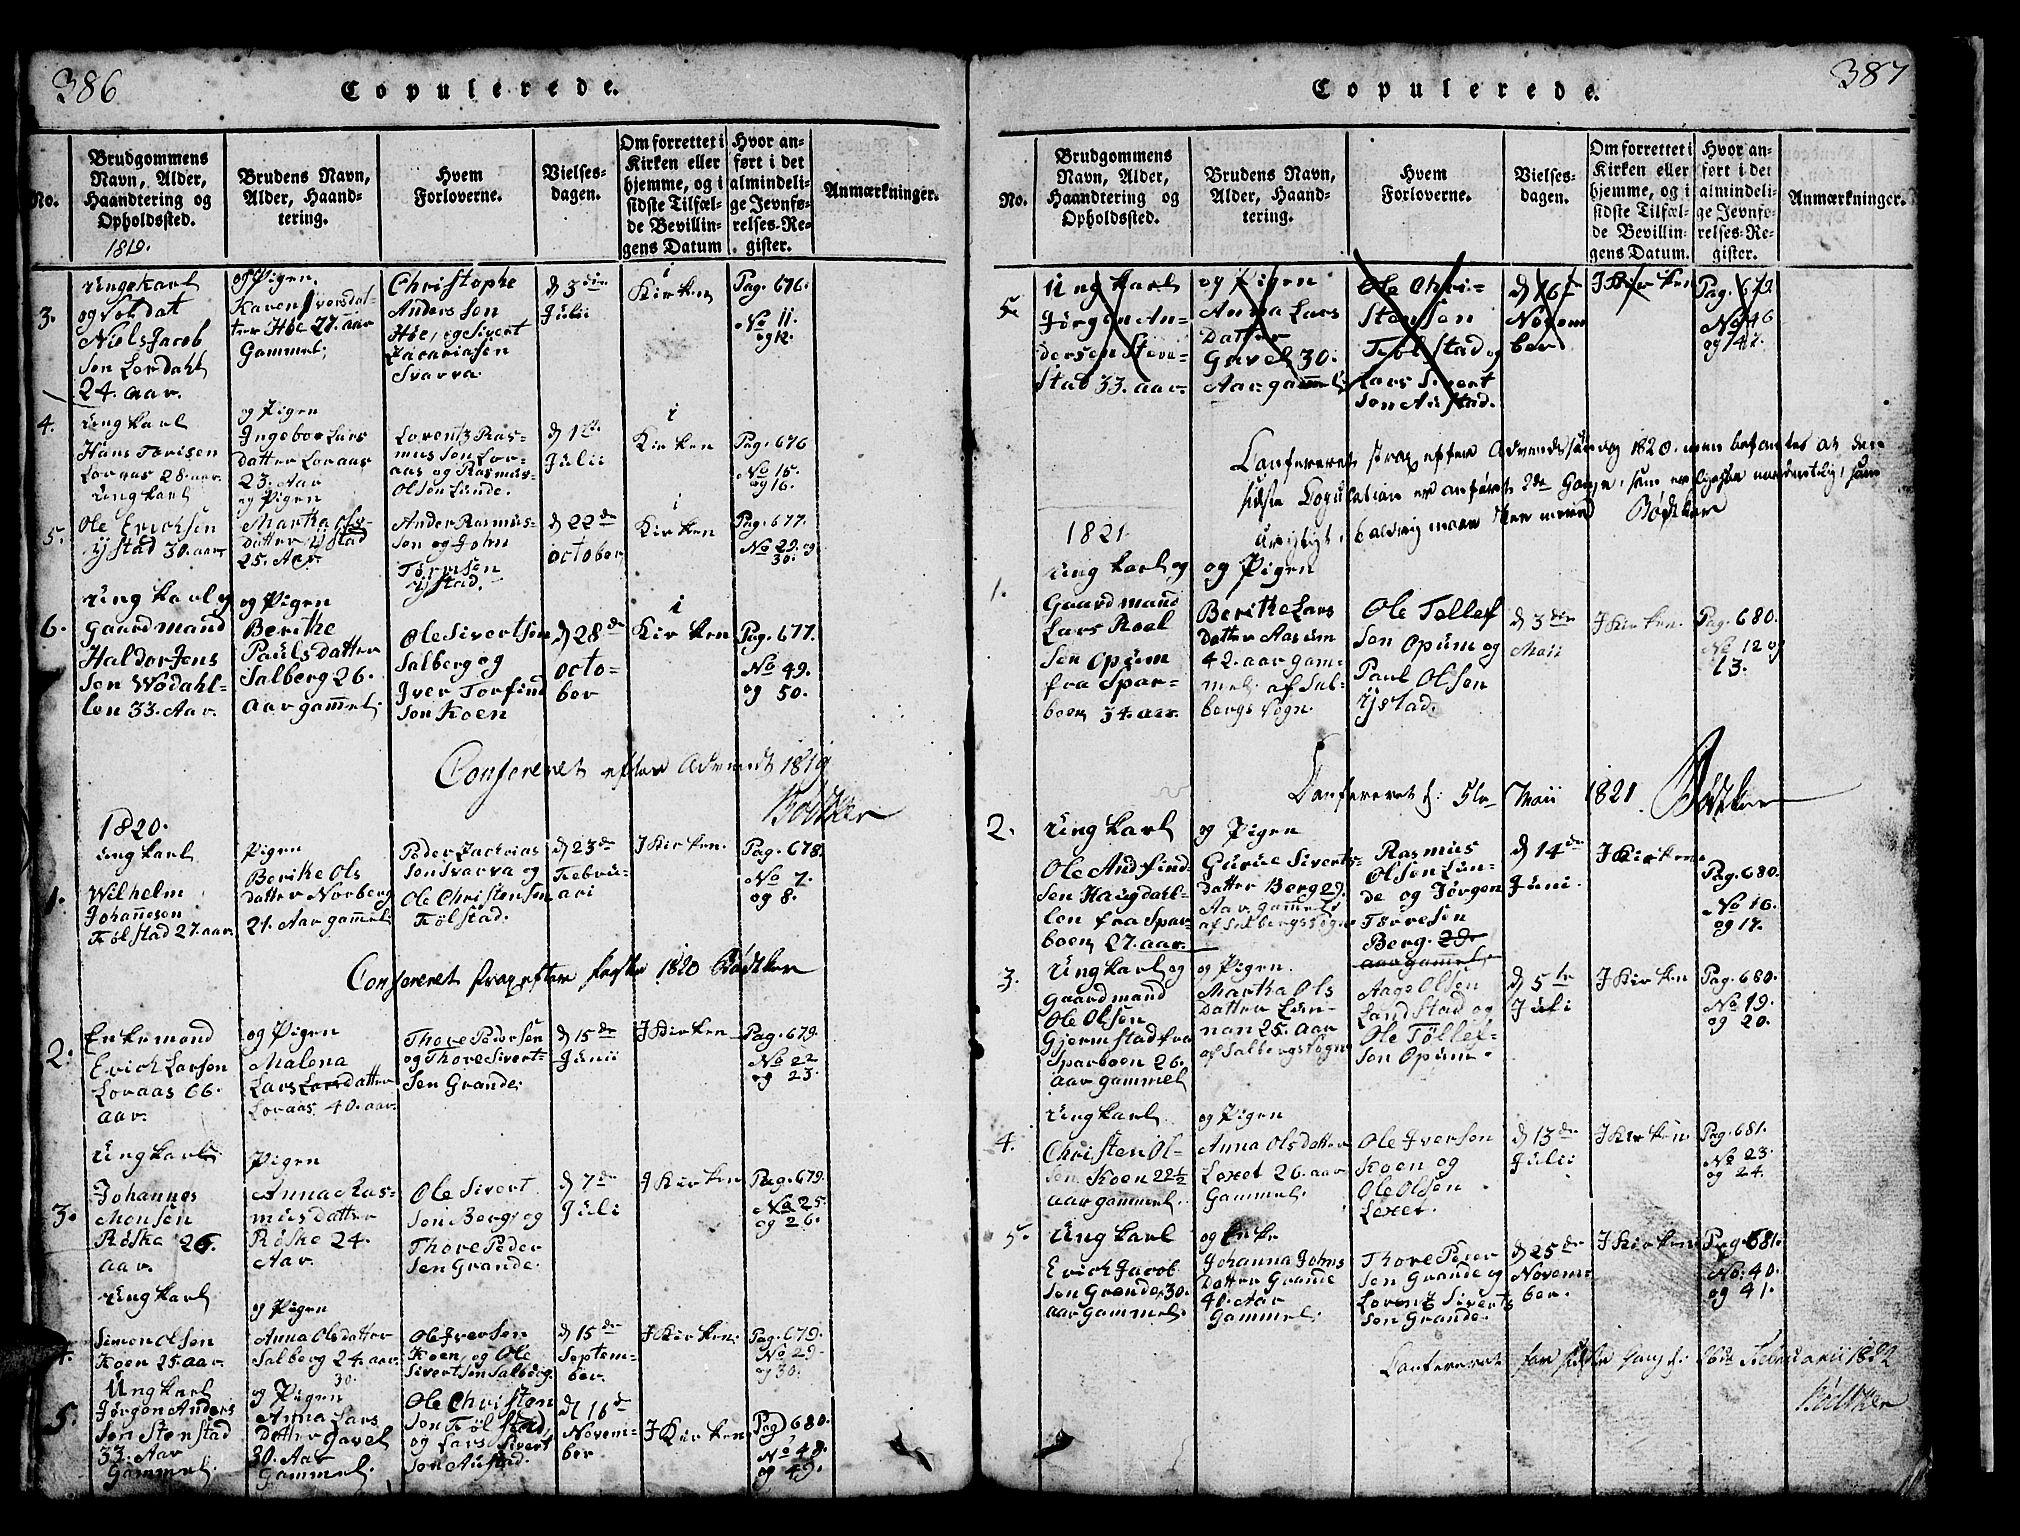 SAT, Ministerialprotokoller, klokkerbøker og fødselsregistre - Nord-Trøndelag, 731/L0310: Klokkerbok nr. 731C01, 1816-1874, s. 386-387